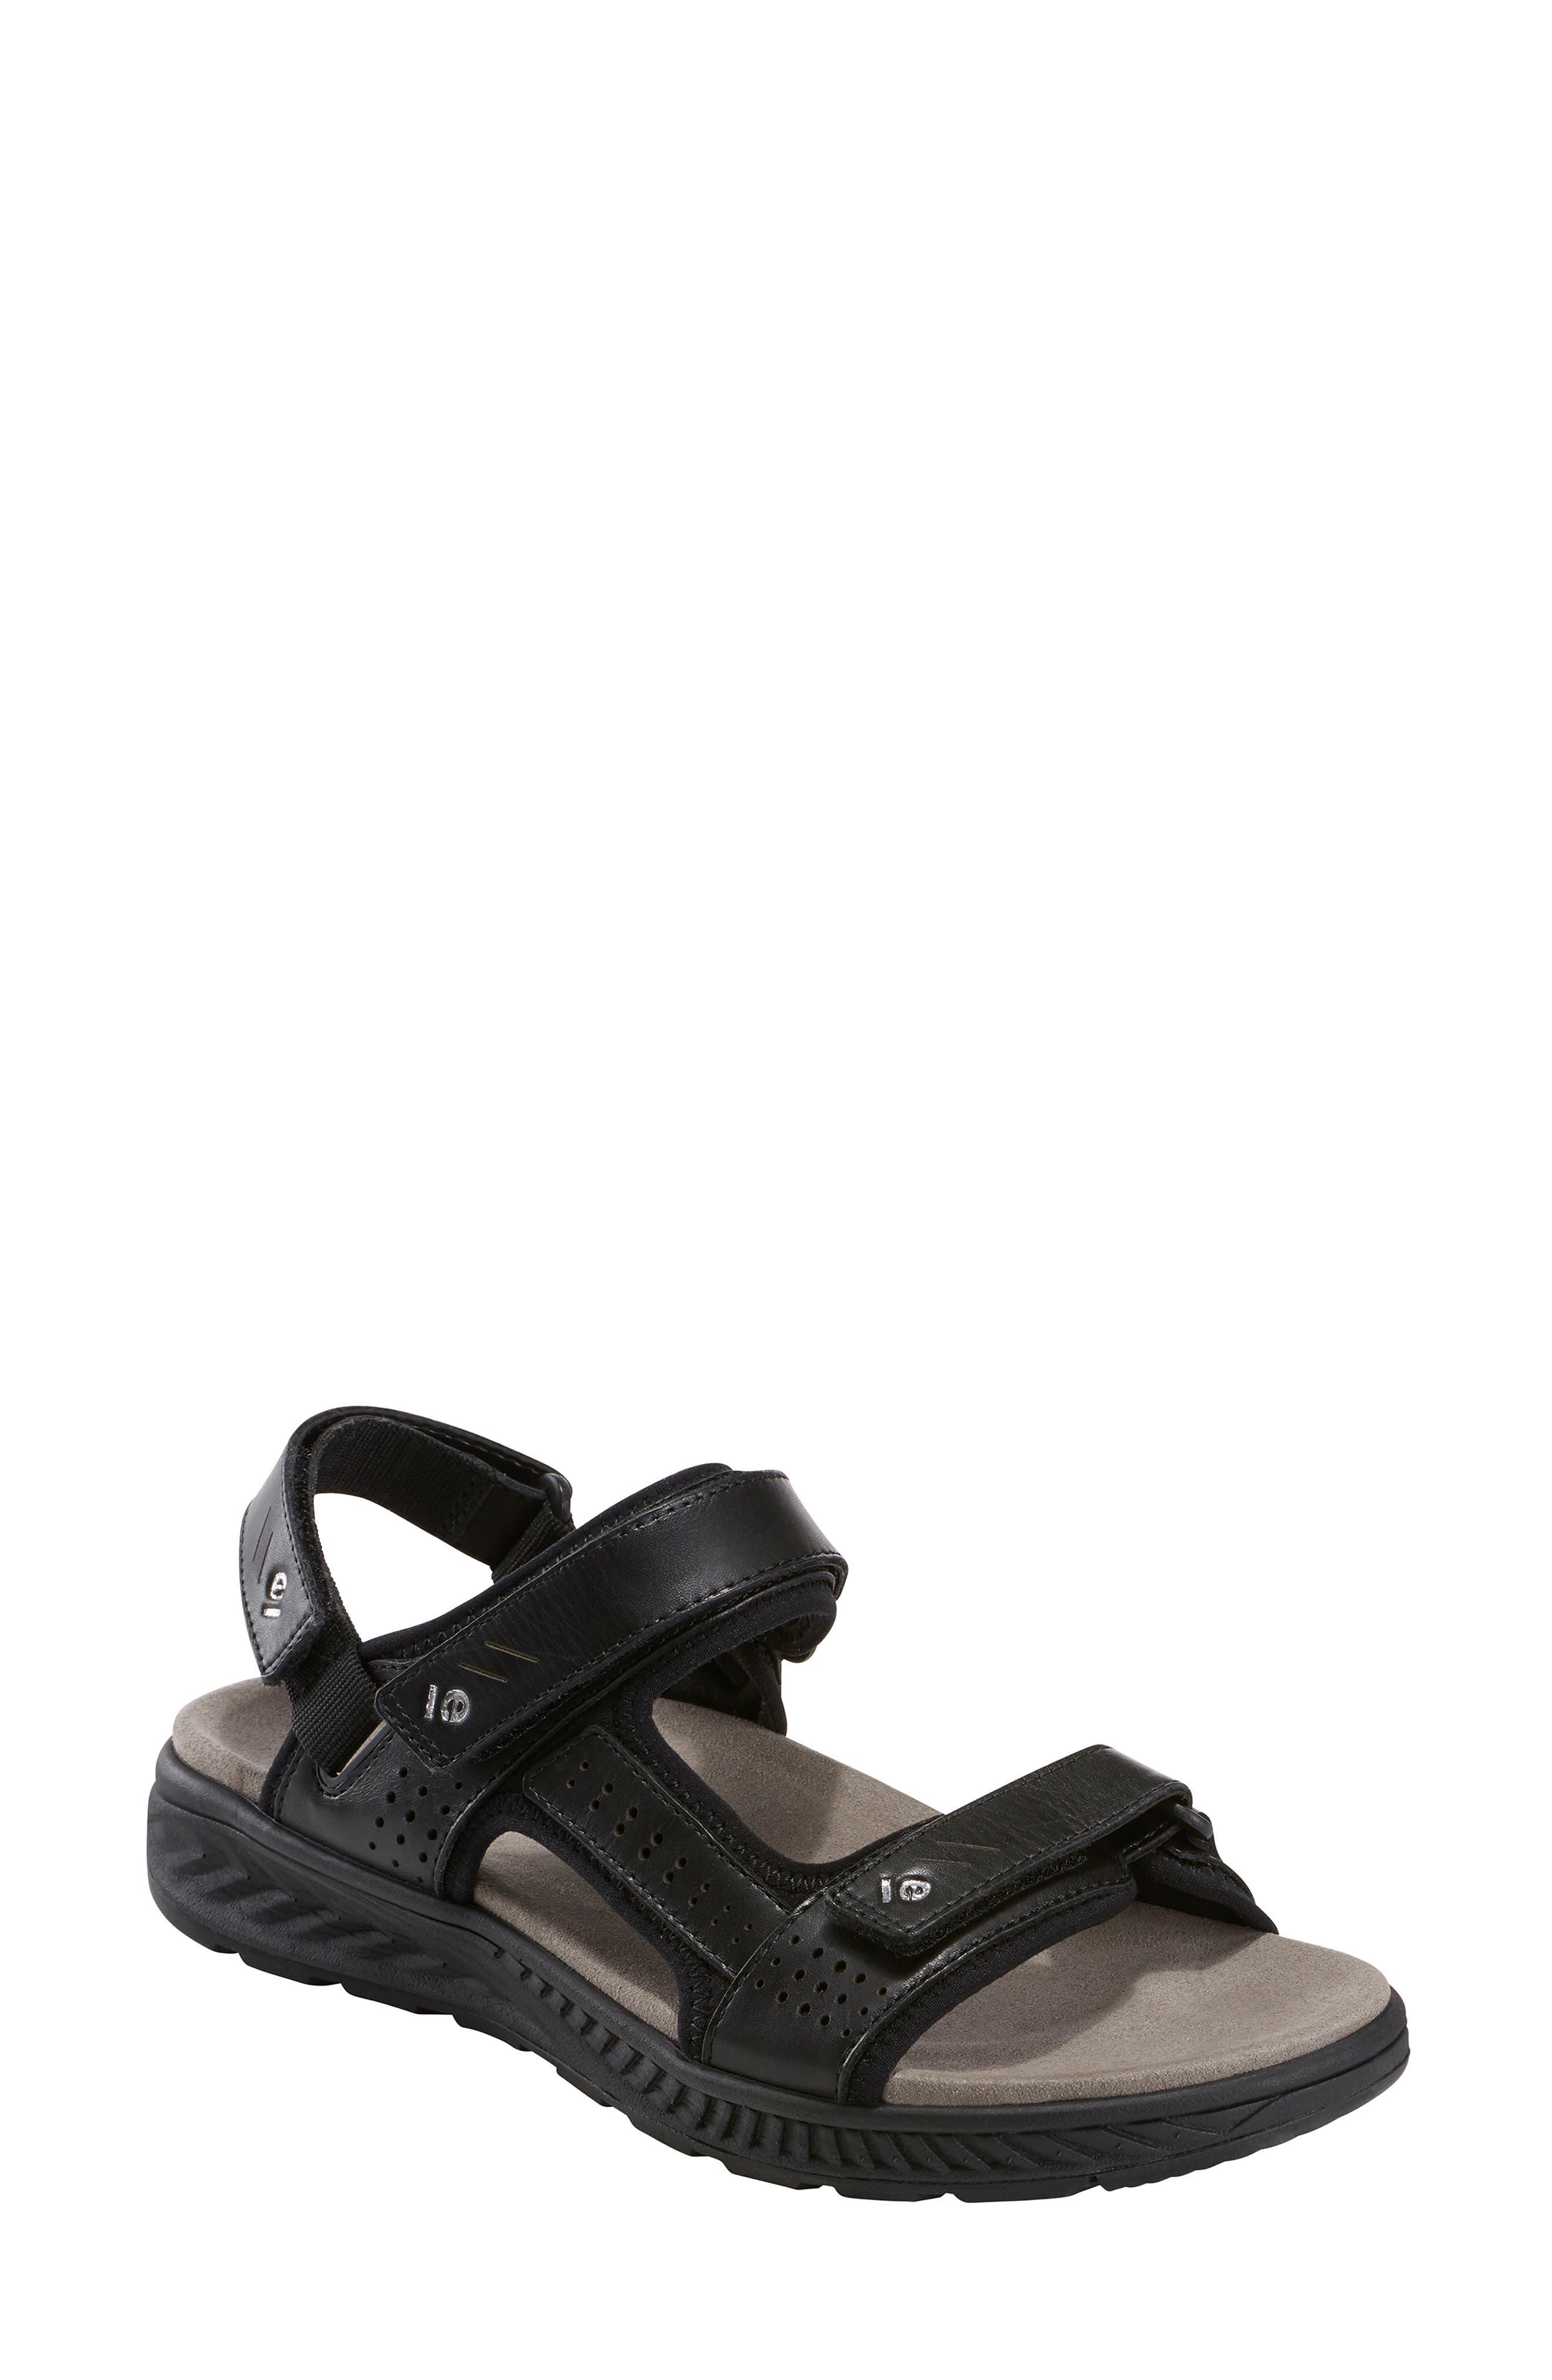 Earth Azore Sandal- Black